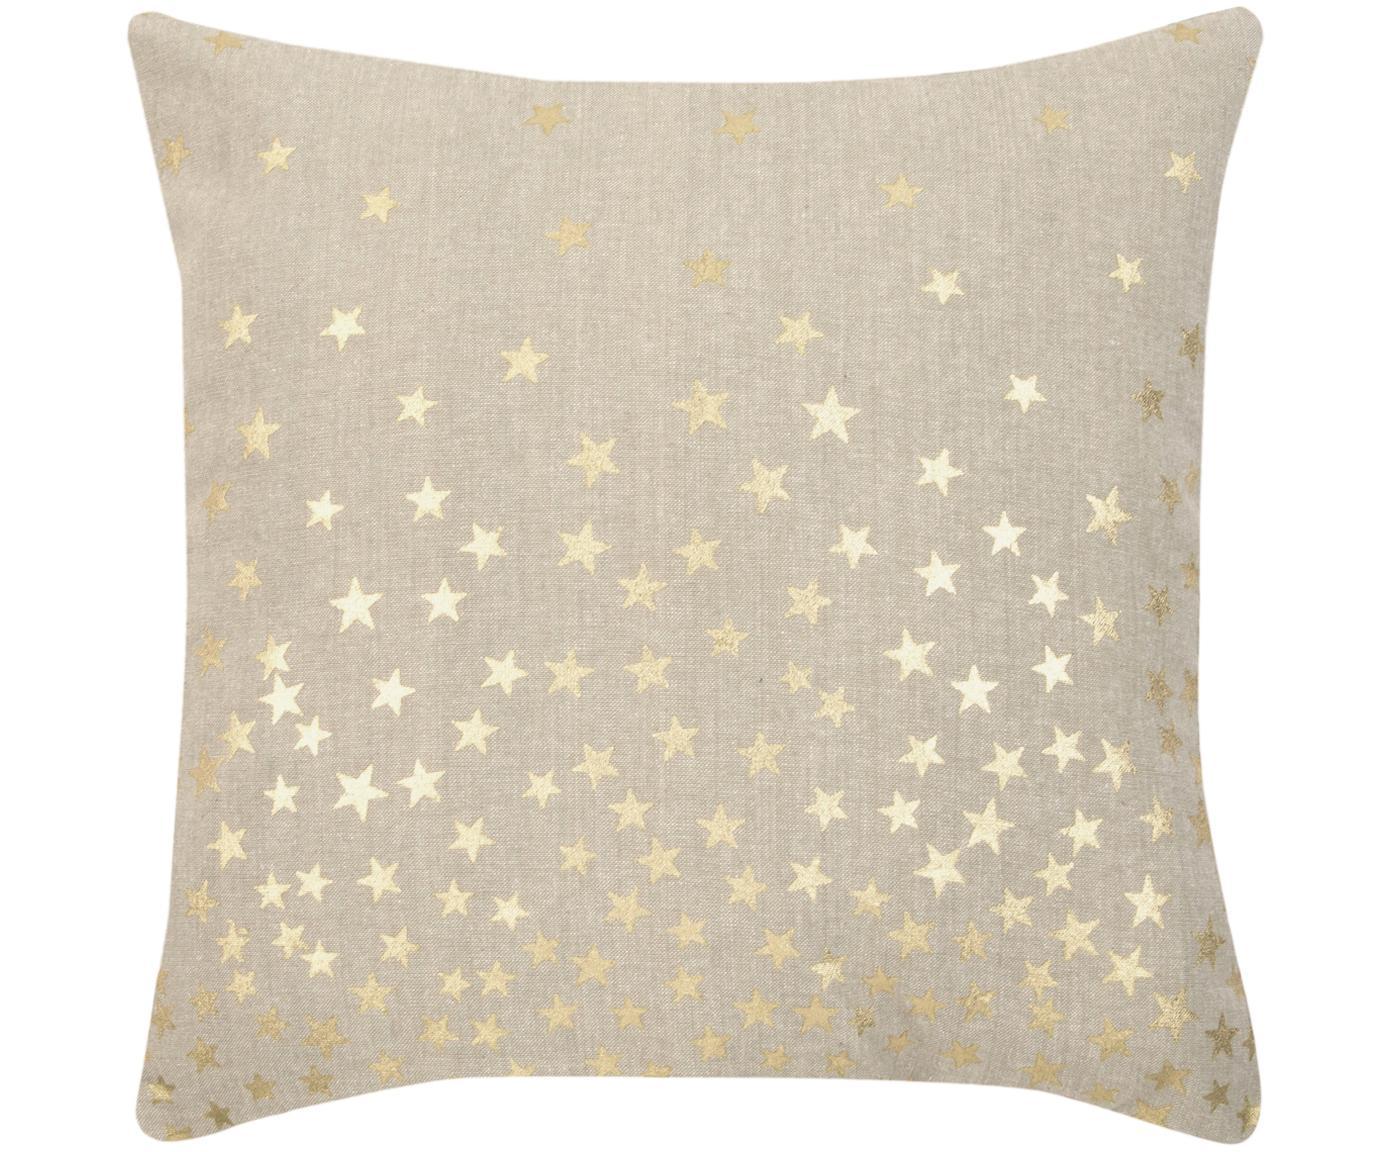 Kissenhülle Kiley mit goldenen Sternen, Baumwolle, Beige, Goldfarben, 45 x 45 cm